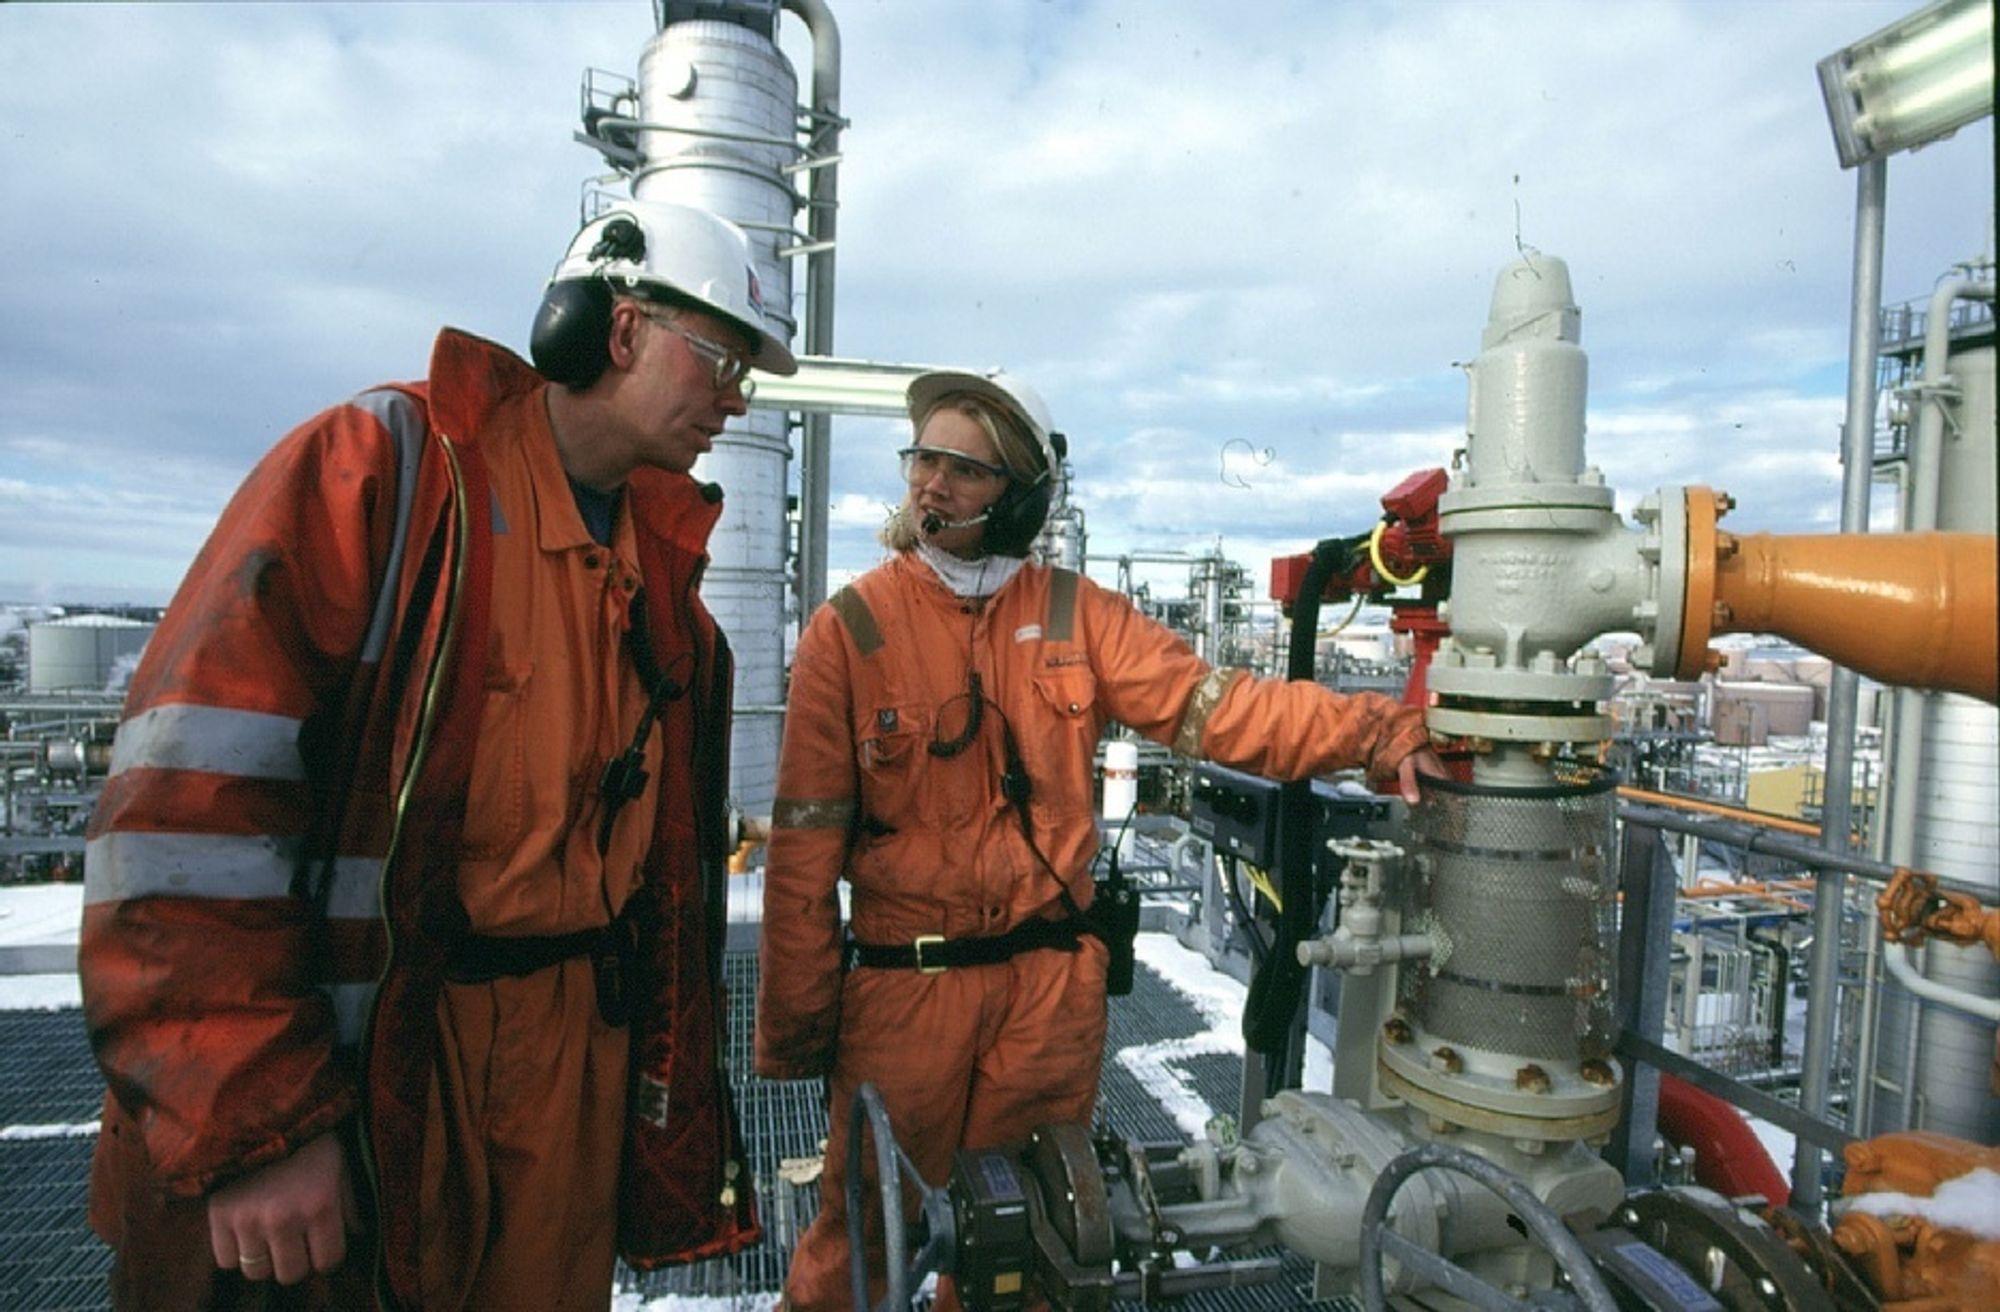 SØKER KOLLEGER: Investeringene i offshorenæringen bidrar til at Vestlandet har lyst ut jobber for 1351 ingeniører og andre realister i januar.